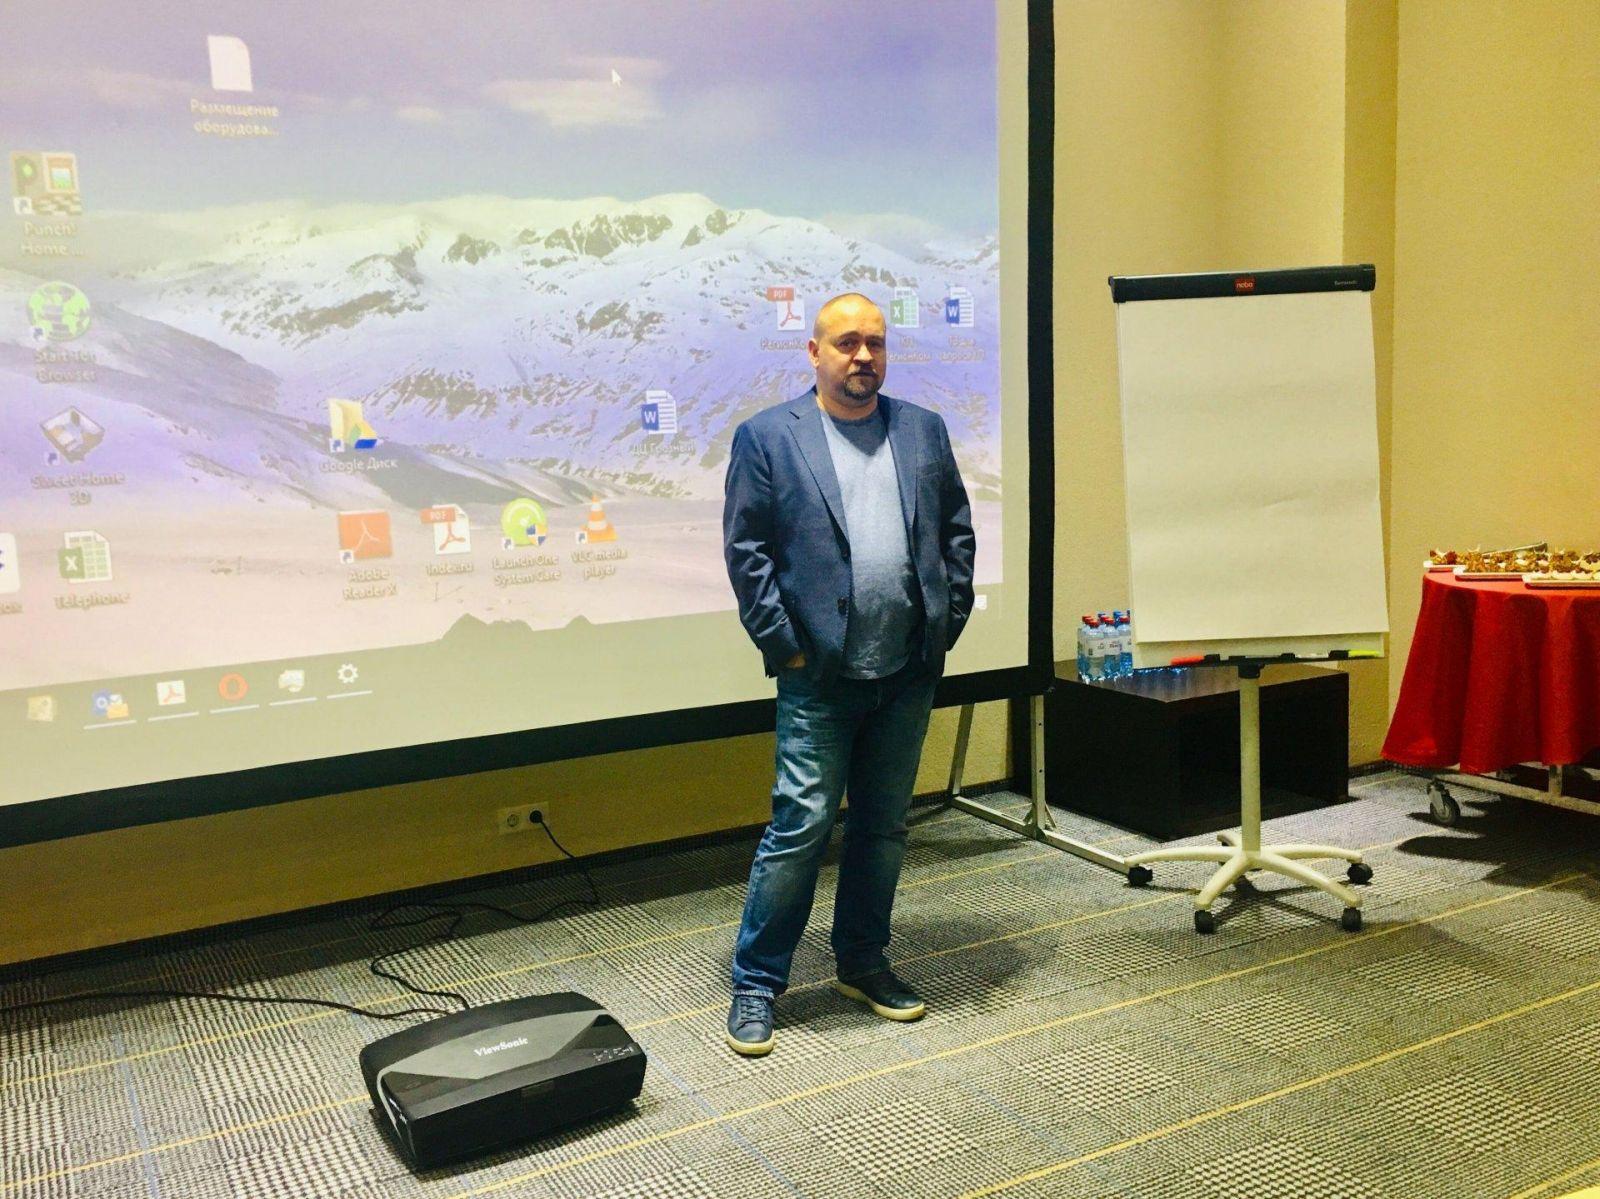 В Сочи прошёл семинар по аналитике и монетизации для цифровых СМИ (vc0eue34)